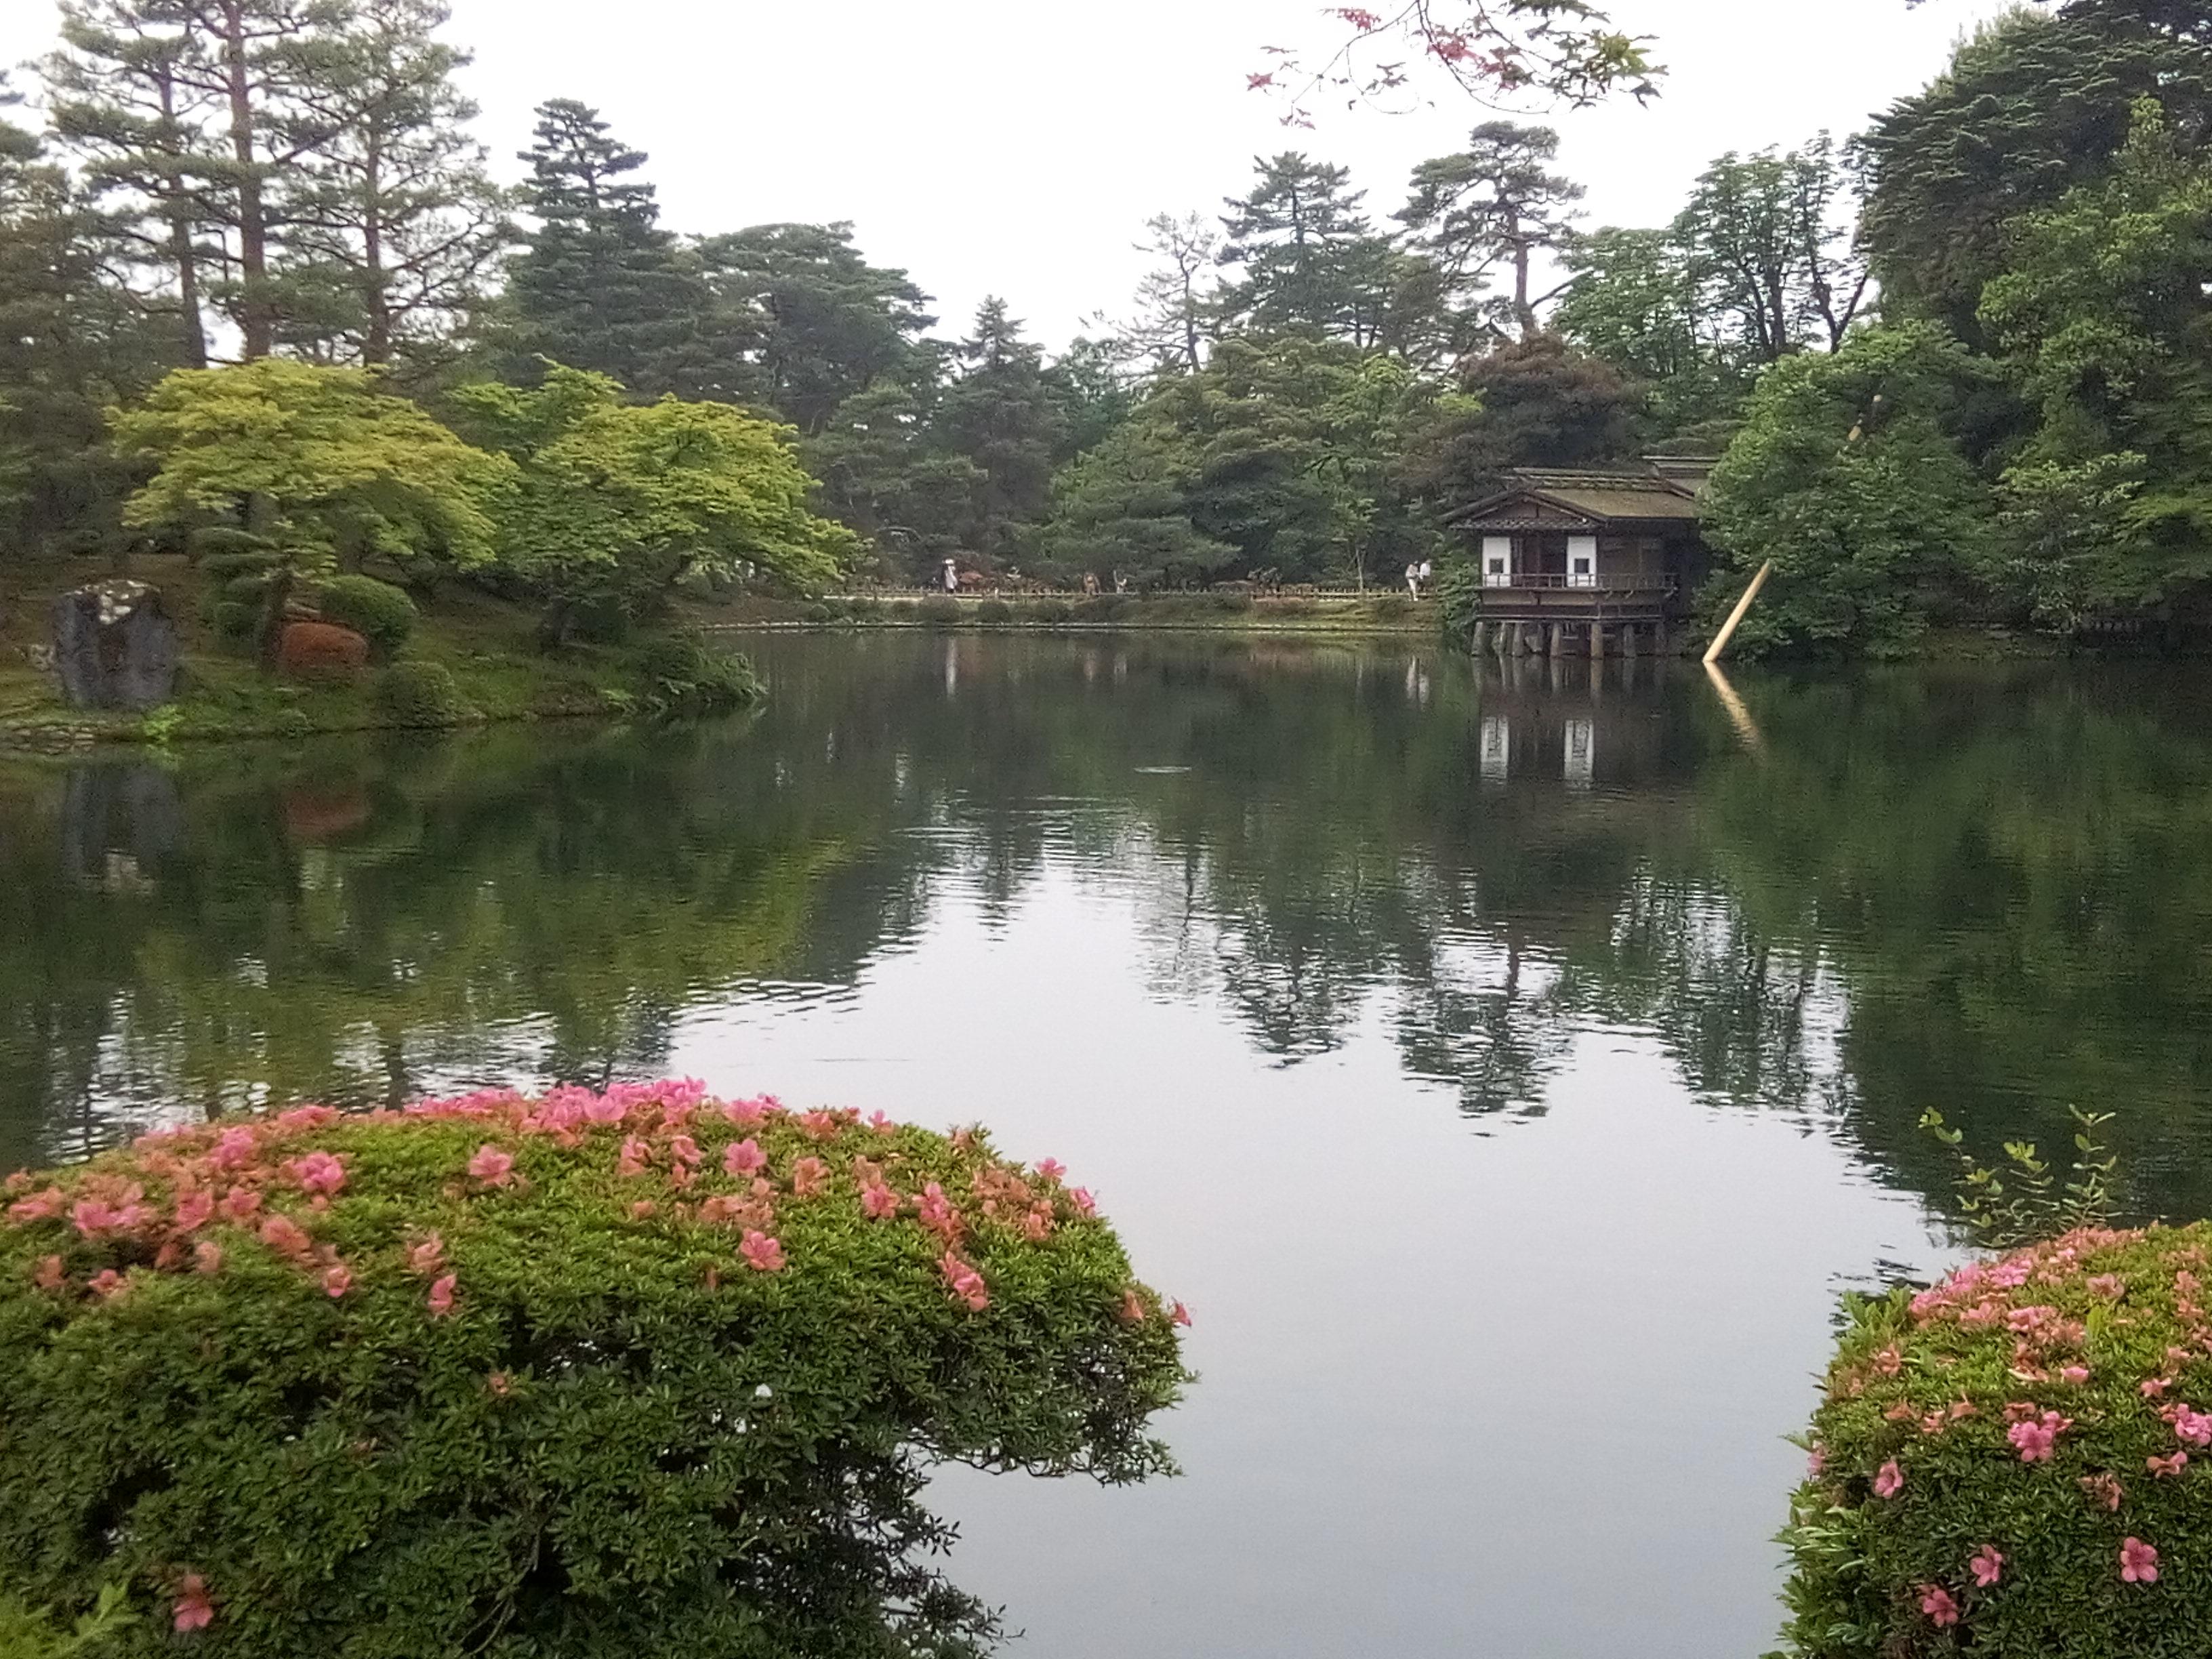 Il est considéré comme l'un des trois plus célèbres jardins du Japon